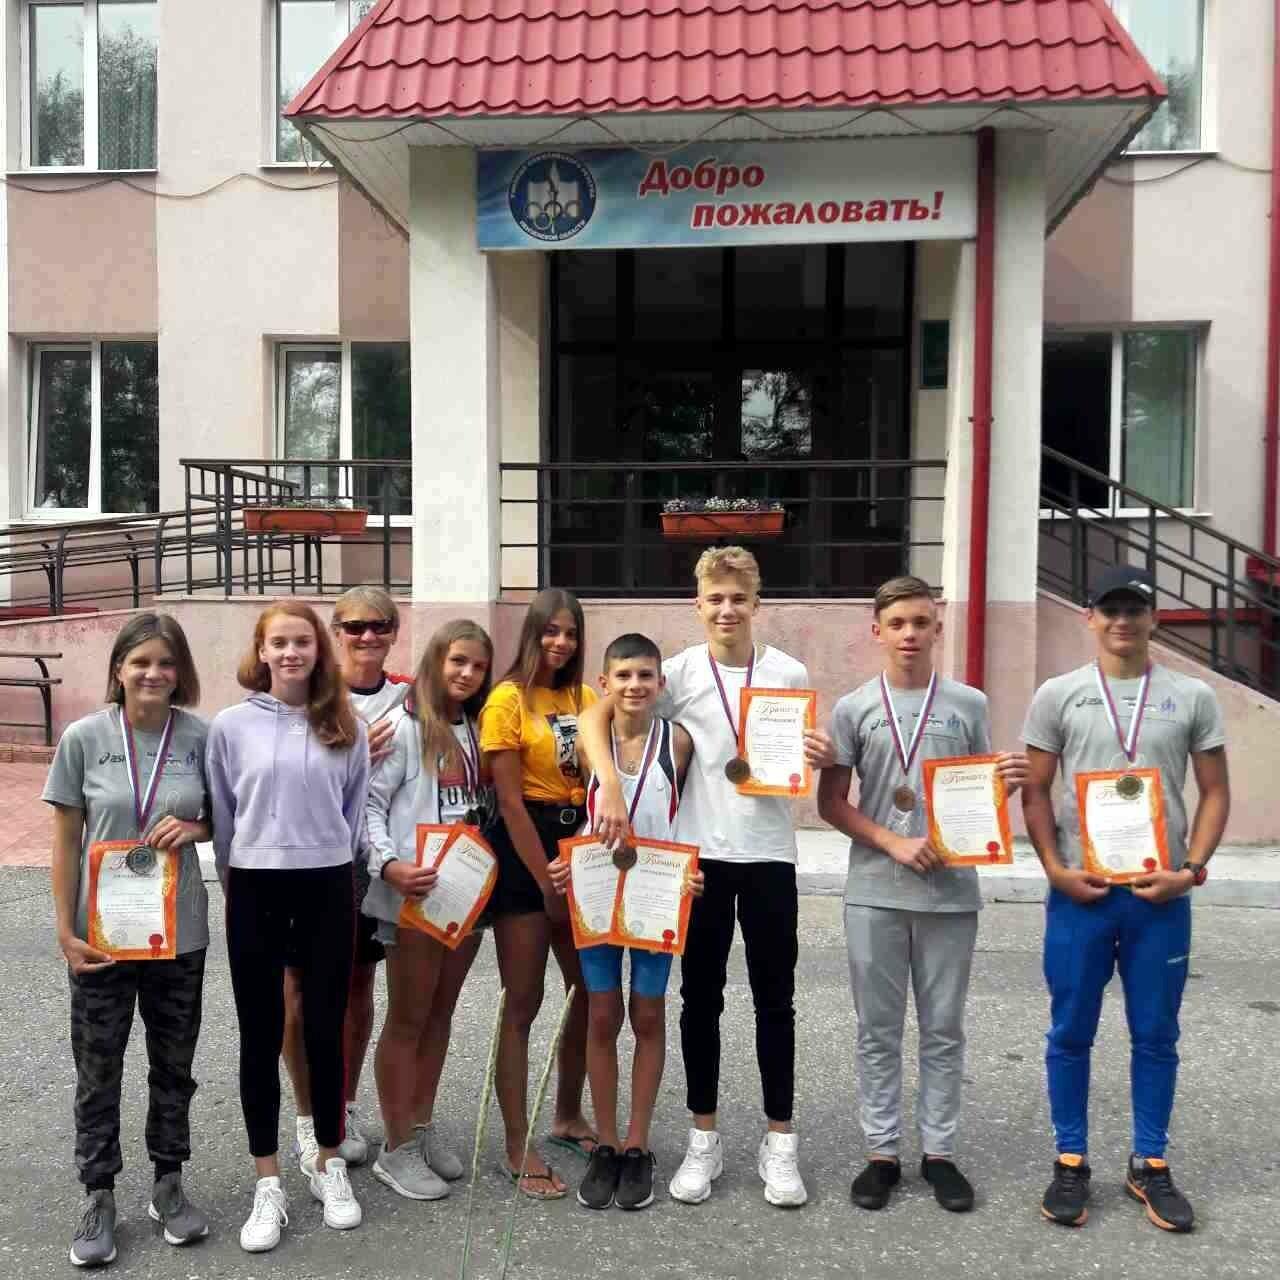 Легкоатлеты Ялты снова победили во Всероссийских соревнованиях, фото-2